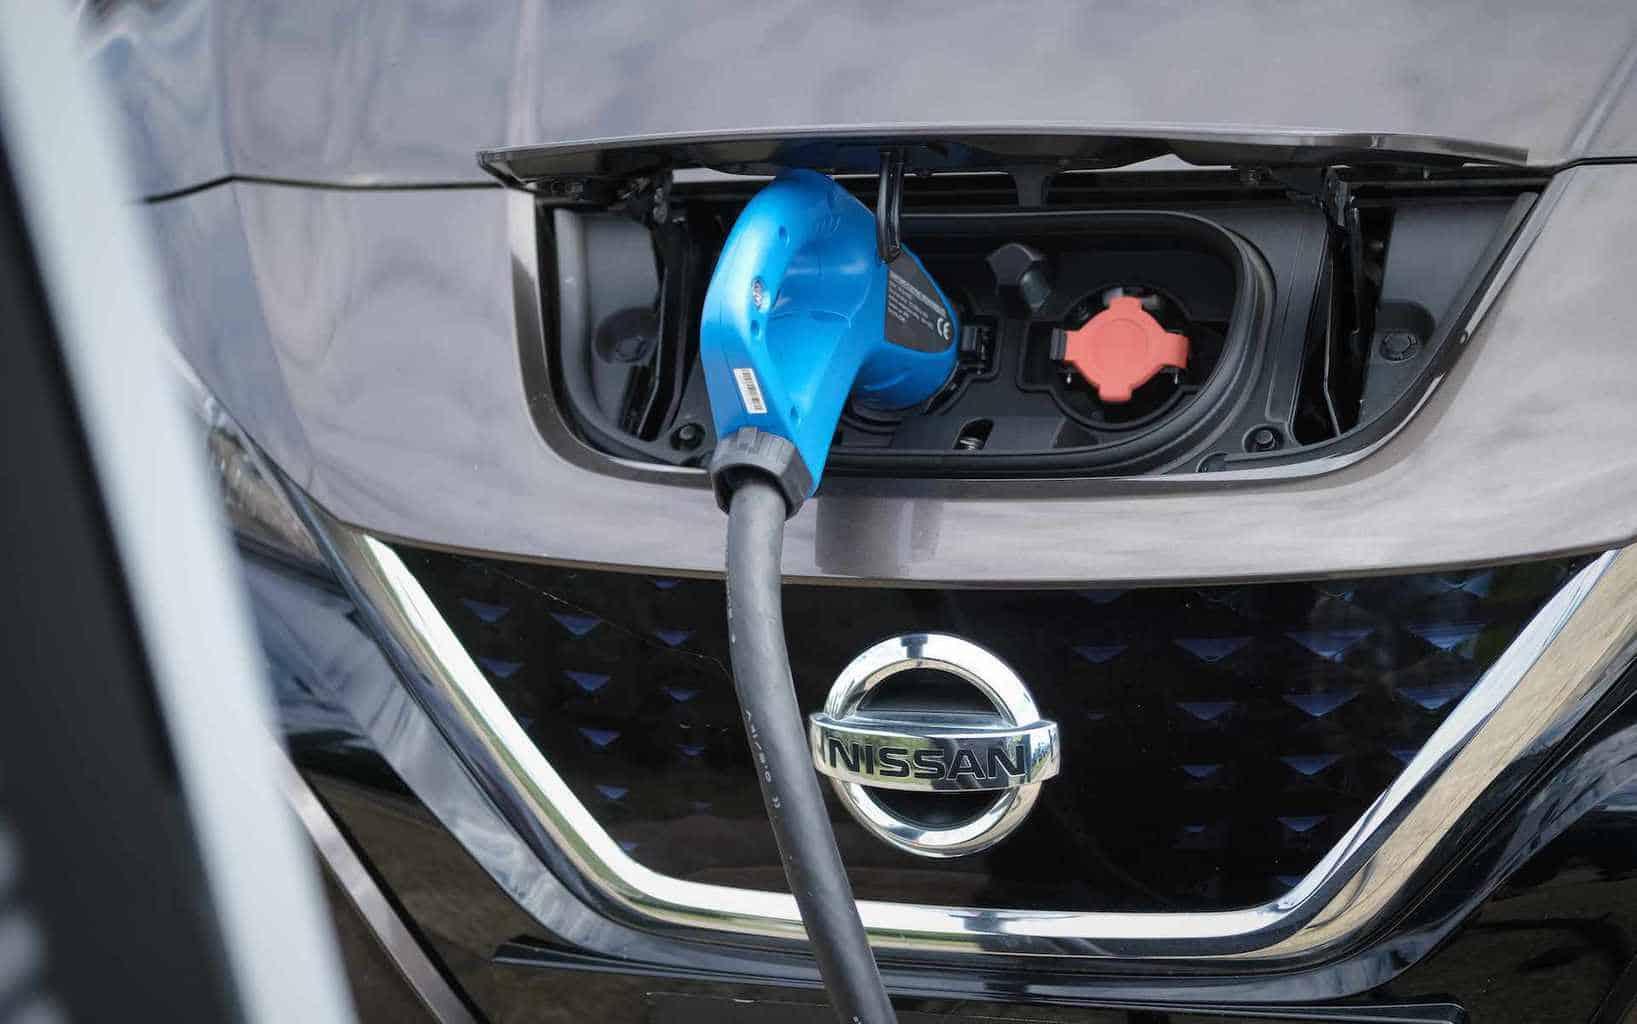 Eon Nissan V2G